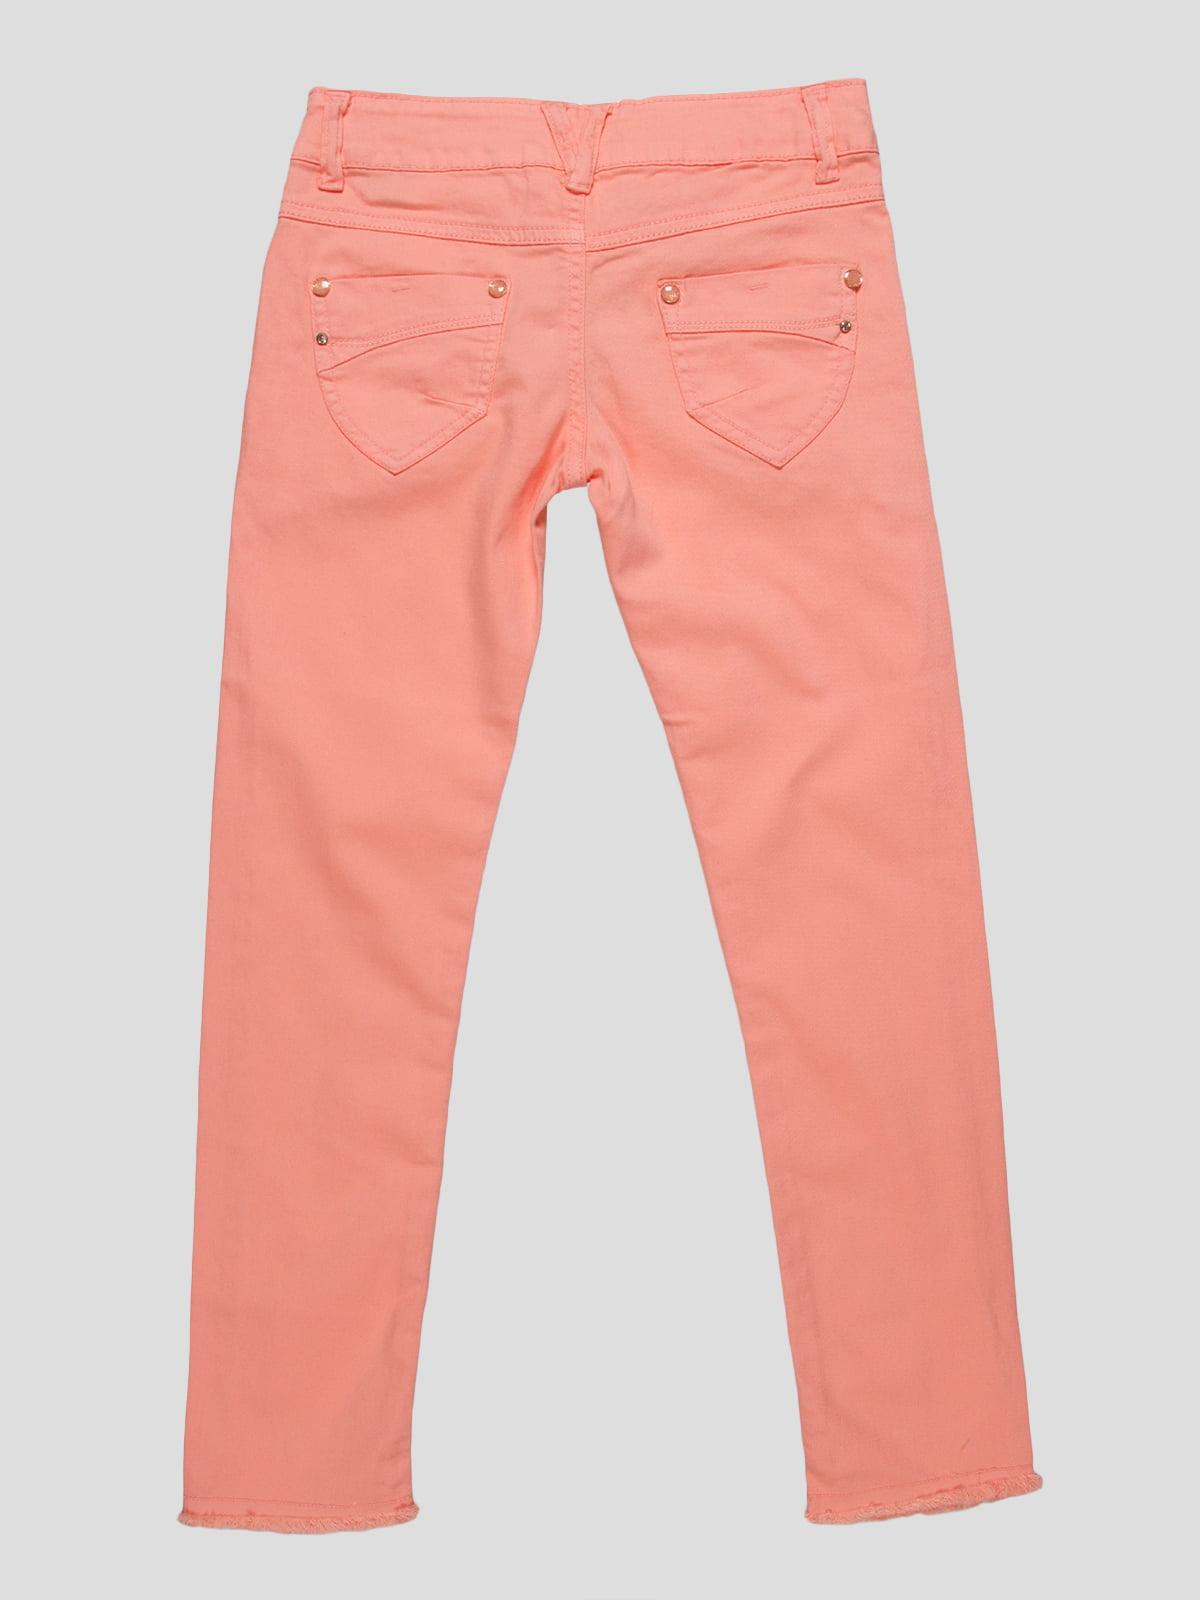 Штани персикового кольору | 4890773 | фото 2